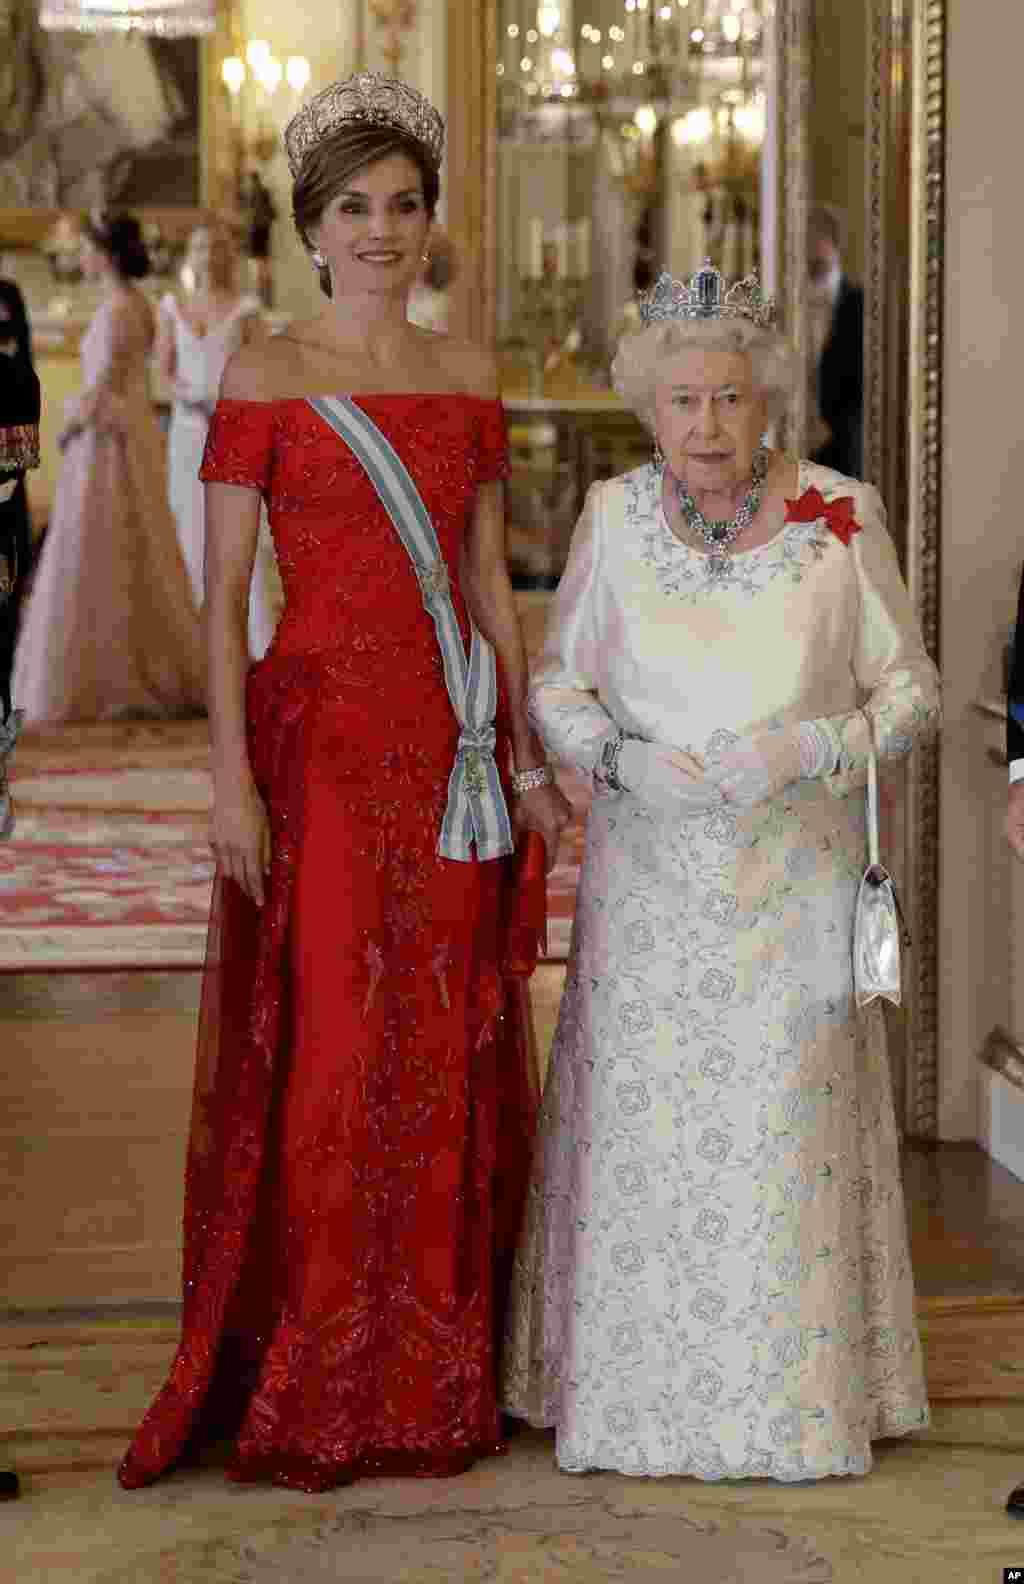 London - Britaniya kraliçası II Yelizavetia İspaniya kraliçası Letisiya ilə Bukengem sarayında